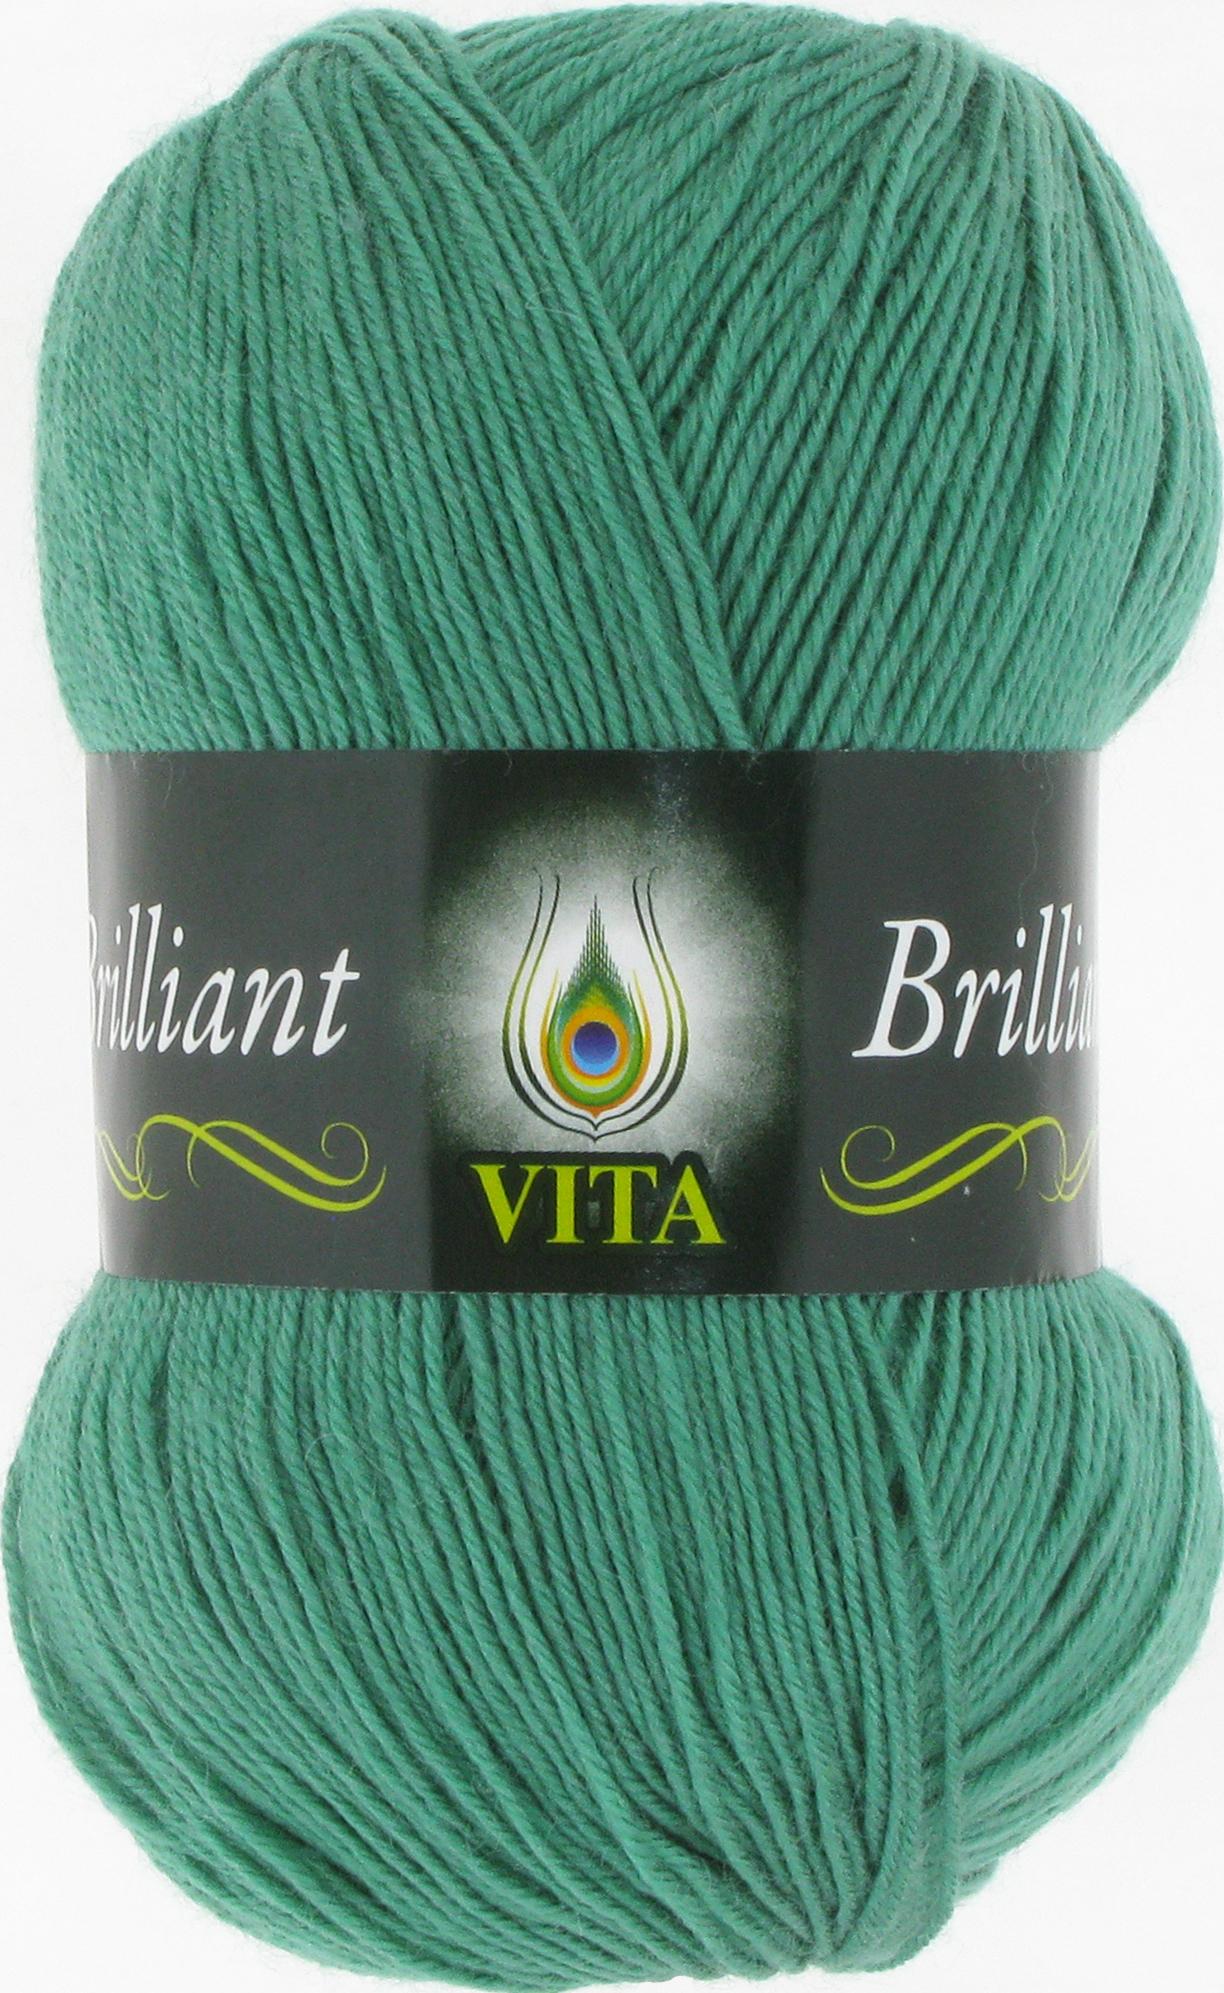 Пряжа Vita Brilliant зеленая бирюза 5117